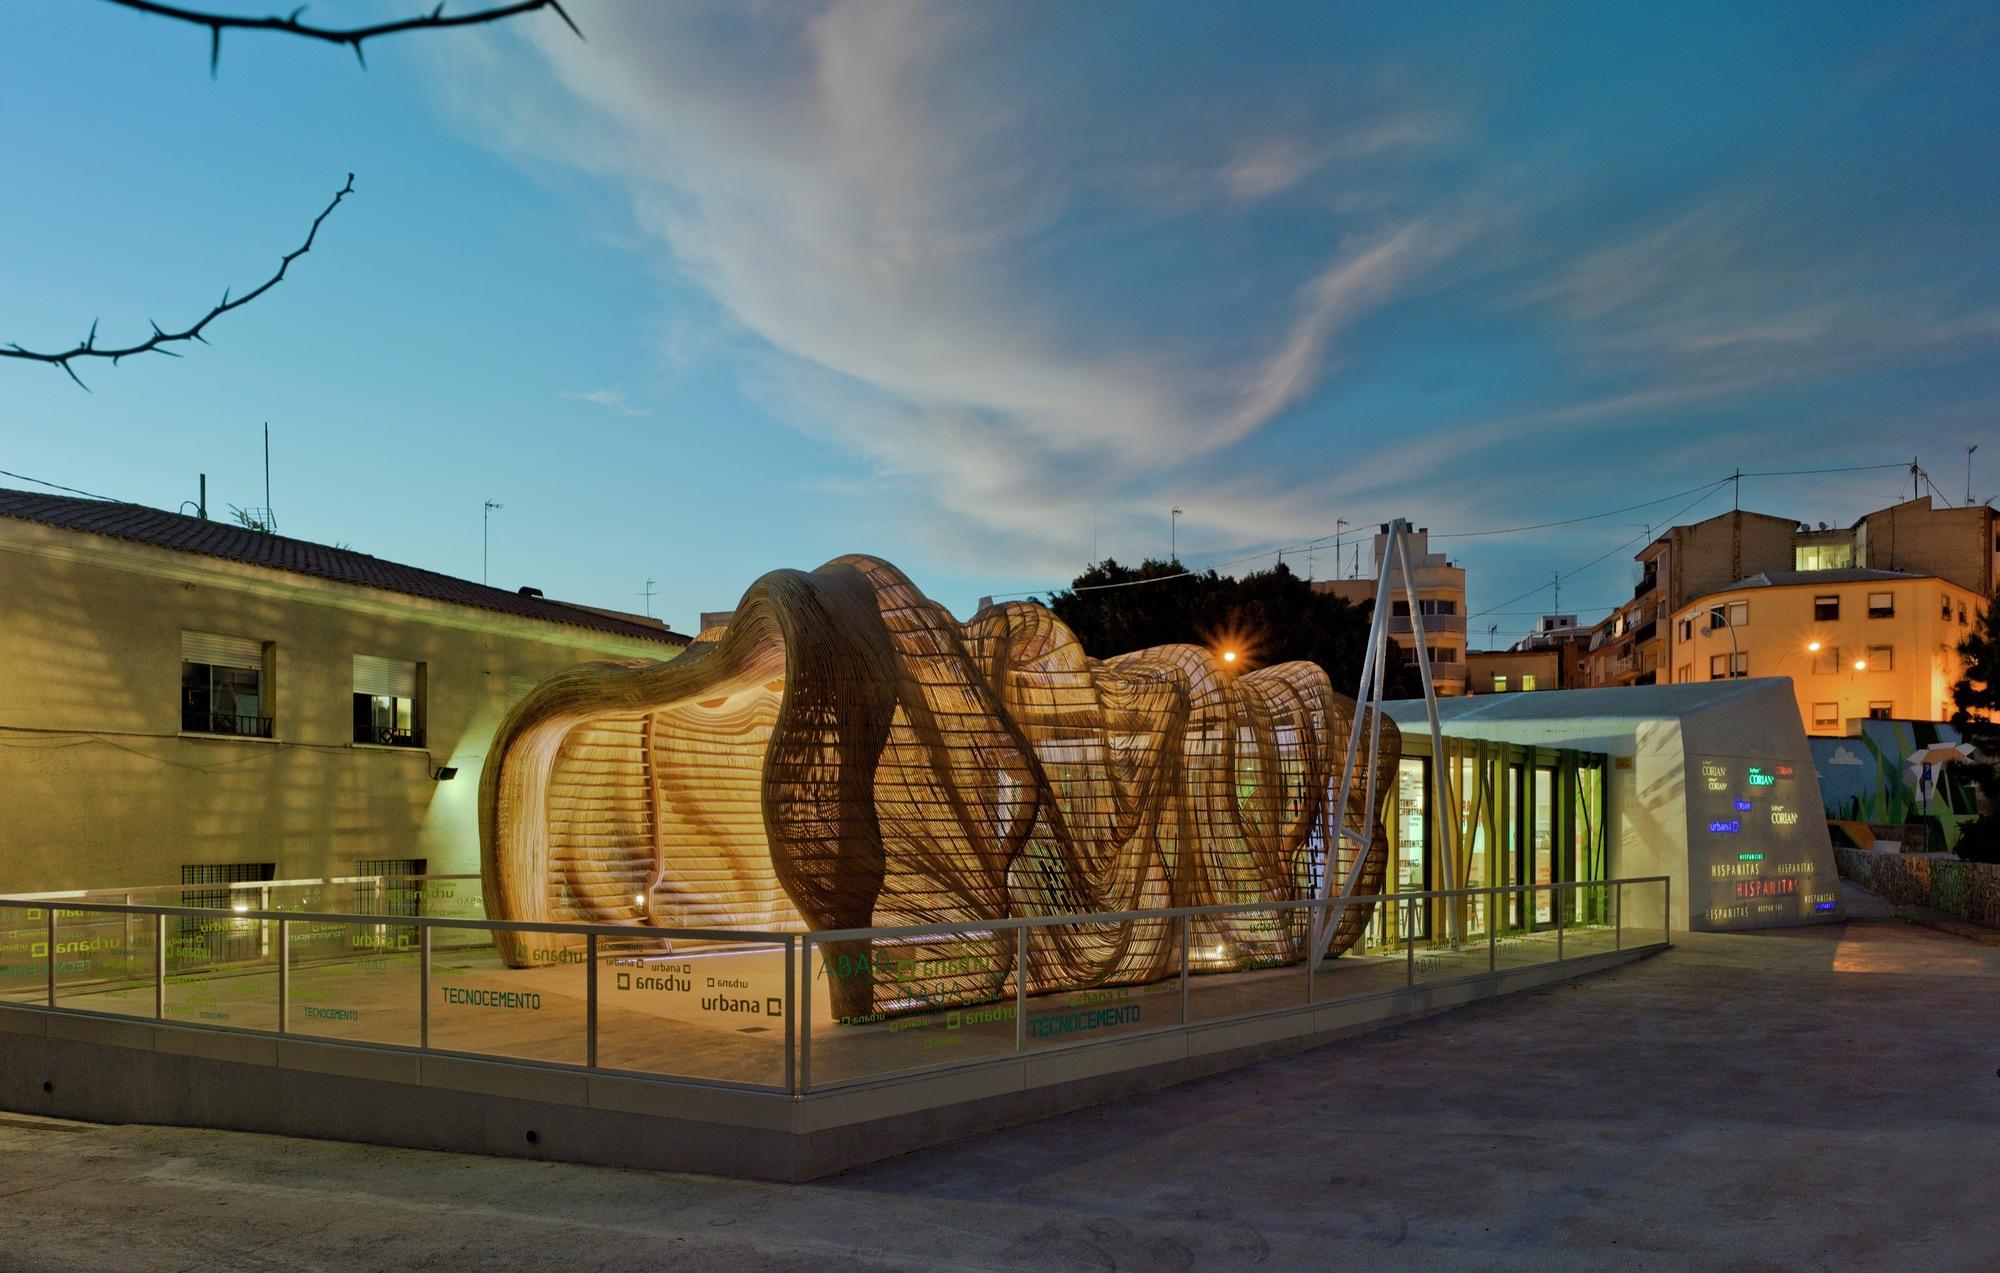 Gallery of las cigarreras de alicante cultural space tom s amat estudio de arquitectura 7 - Estudio arquitectura alicante ...